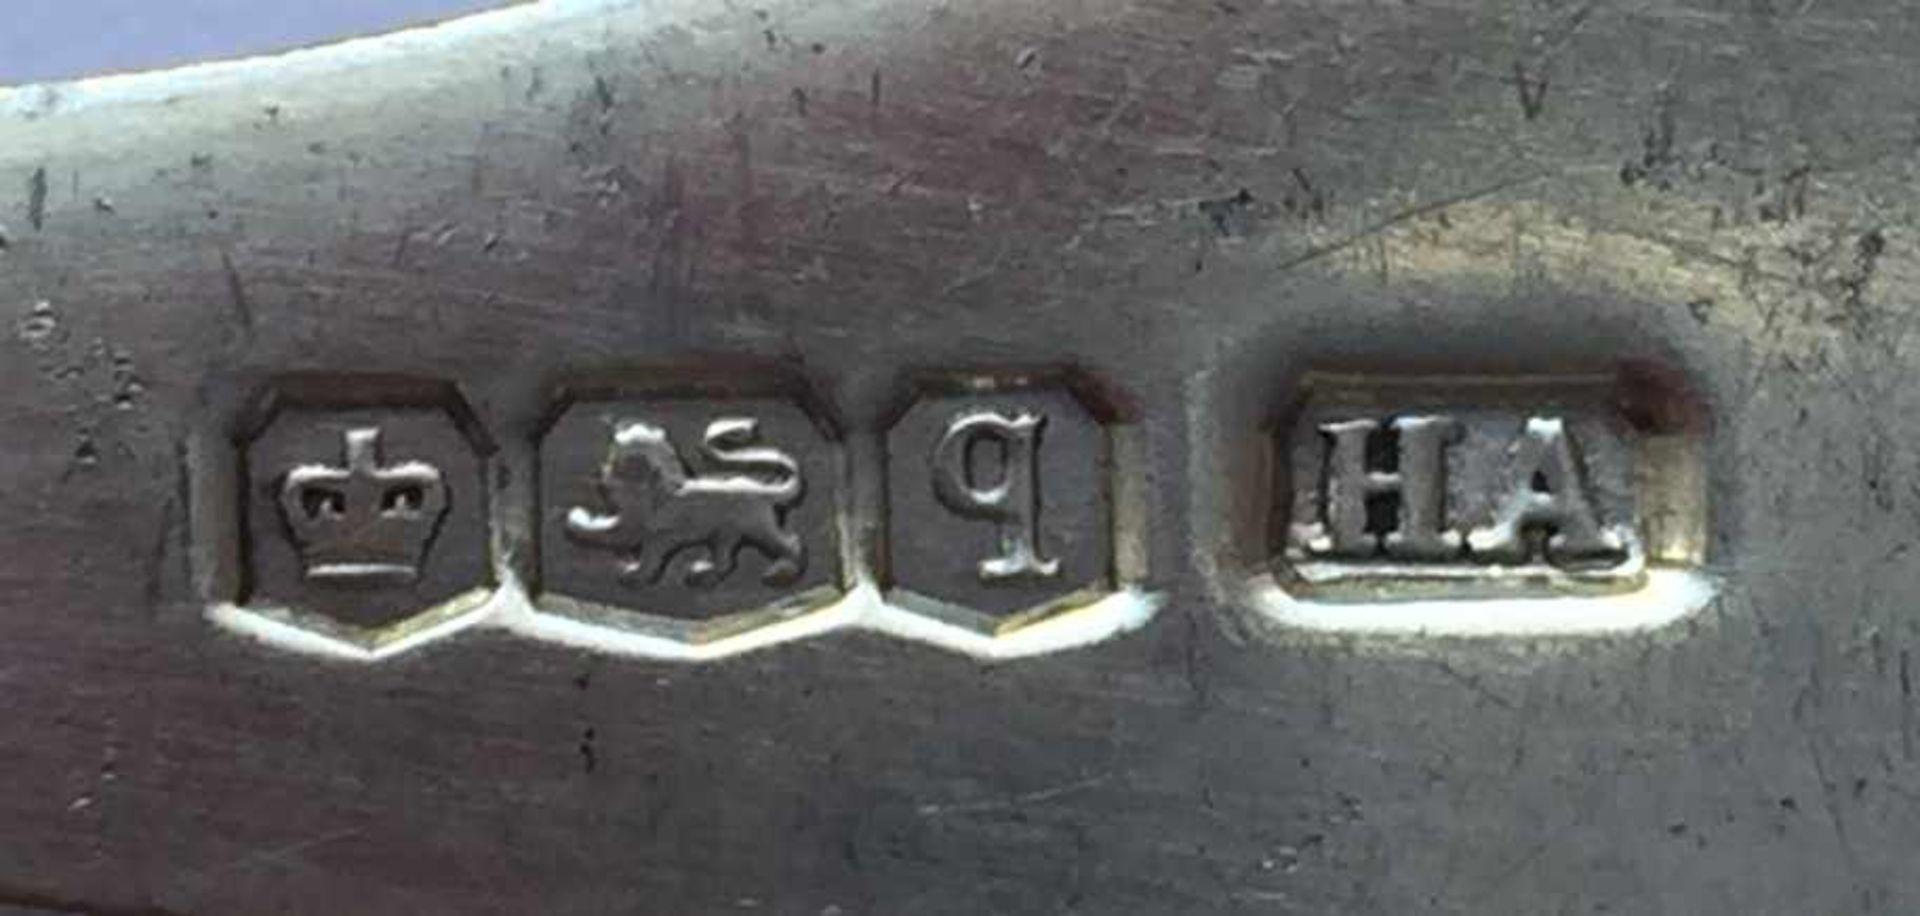 54 Hummergabeln, - Bild 2 aus 4